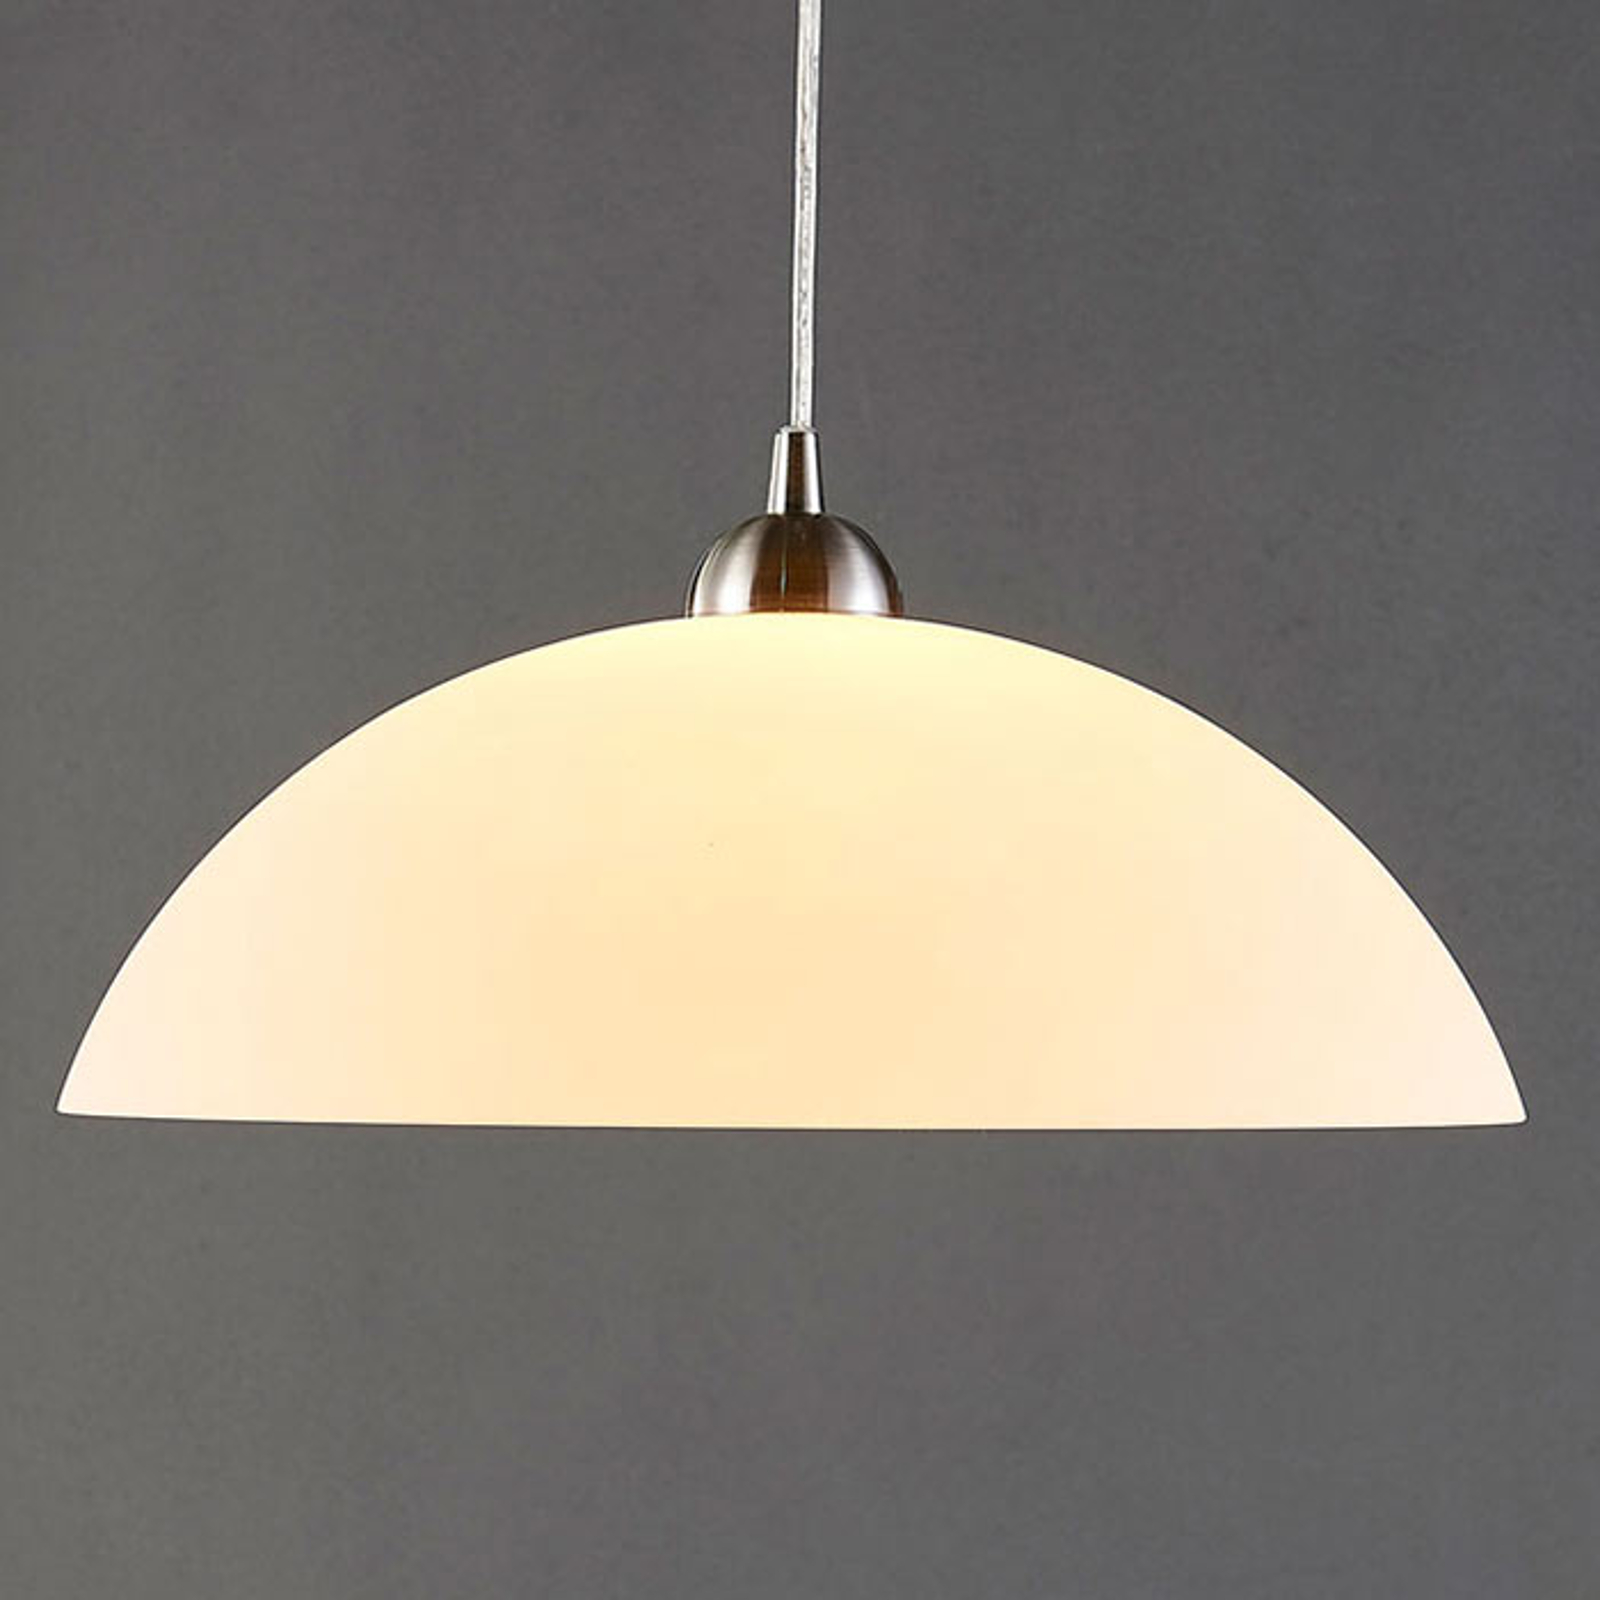 Rund glas-hængelampe Valeria til køkkenet